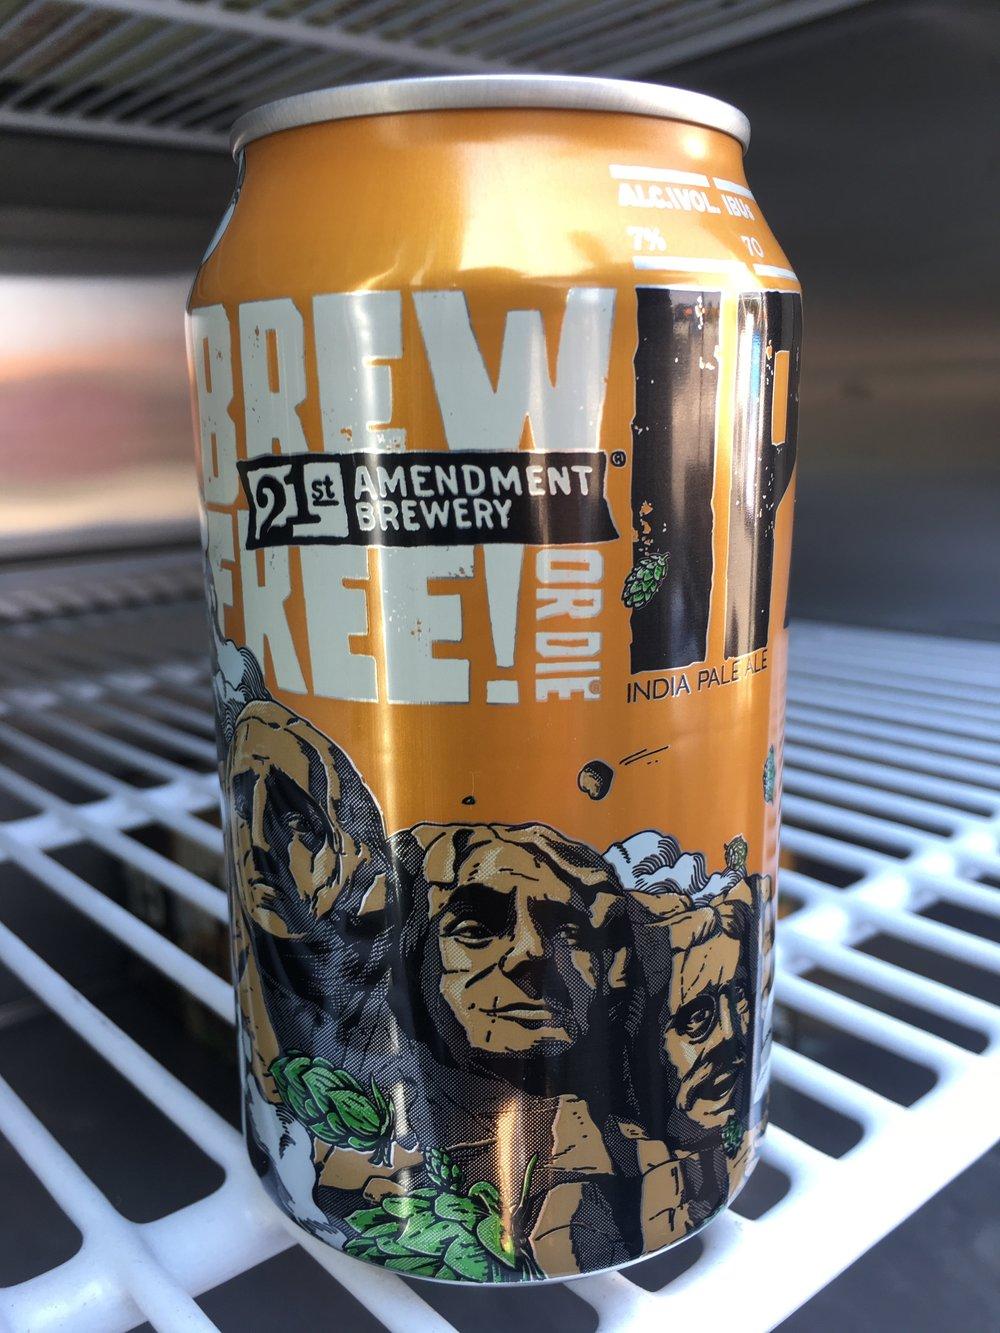 21st Amendment Brewery - Brew Free! Or Die IPA